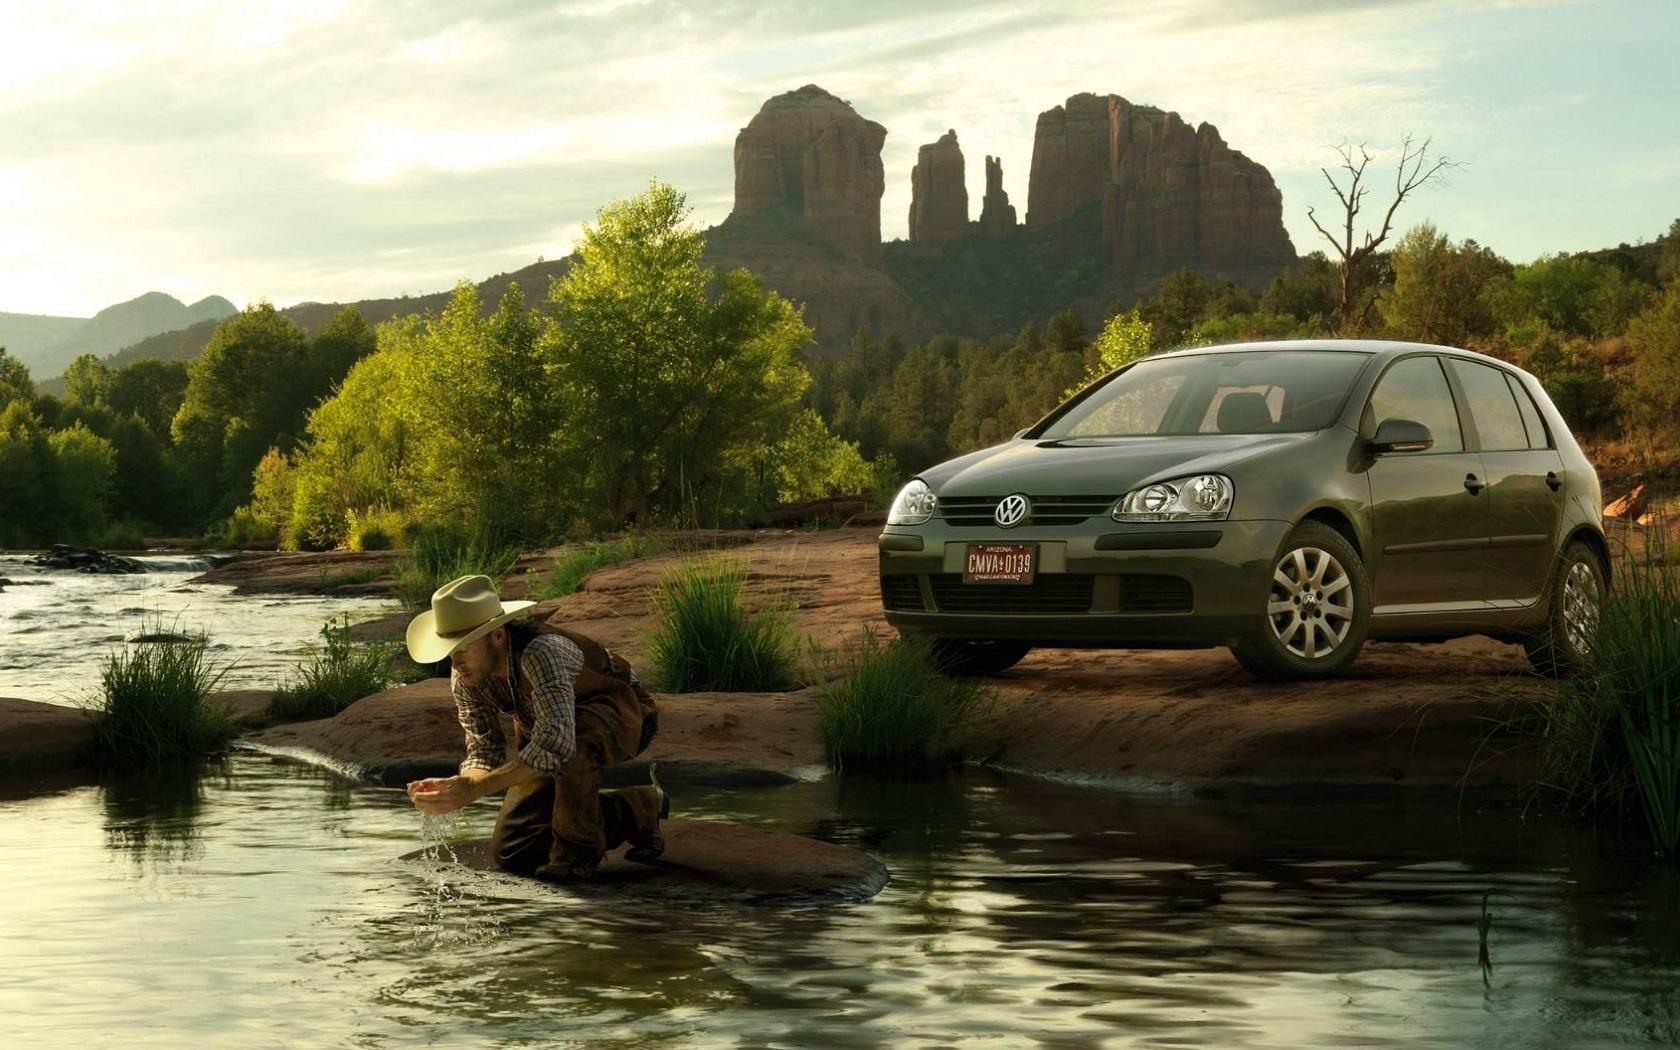 24648 скачать обои Транспорт, Машины, Люди, Река, Фольксваген (Volkswagen), Мужчины - заставки и картинки бесплатно